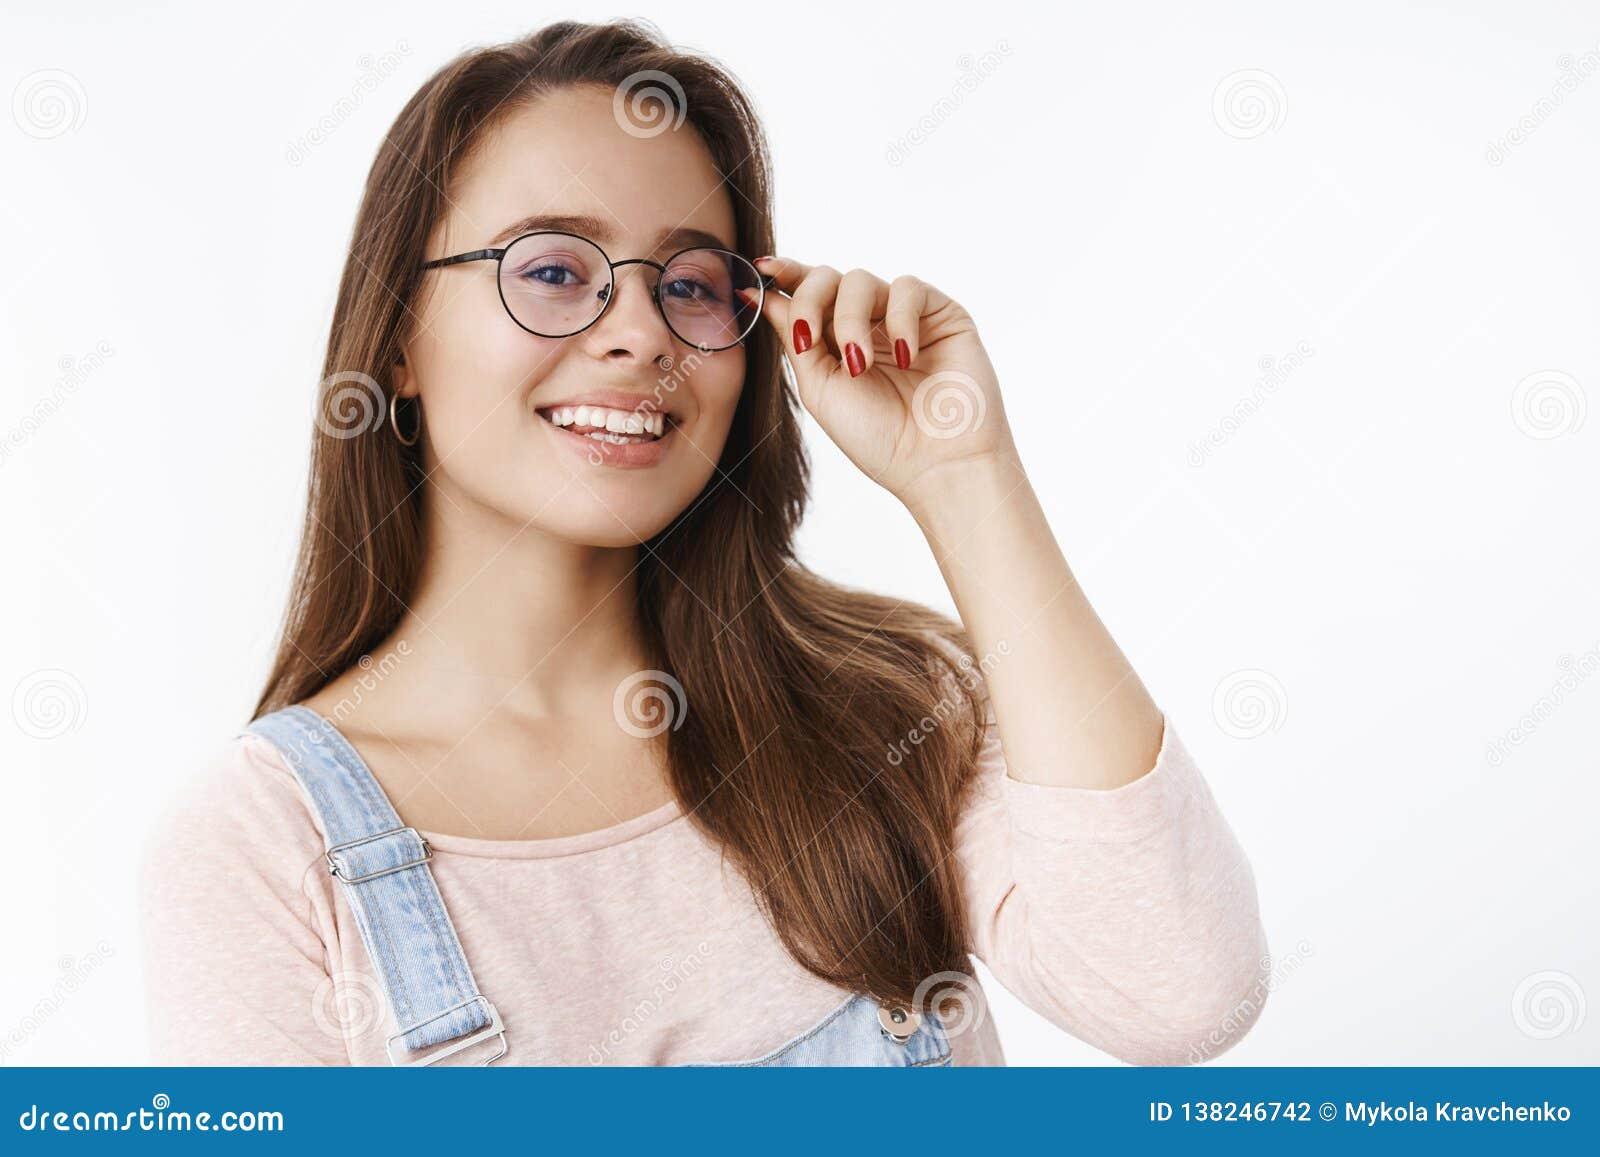 datazione di una ragazza nerd